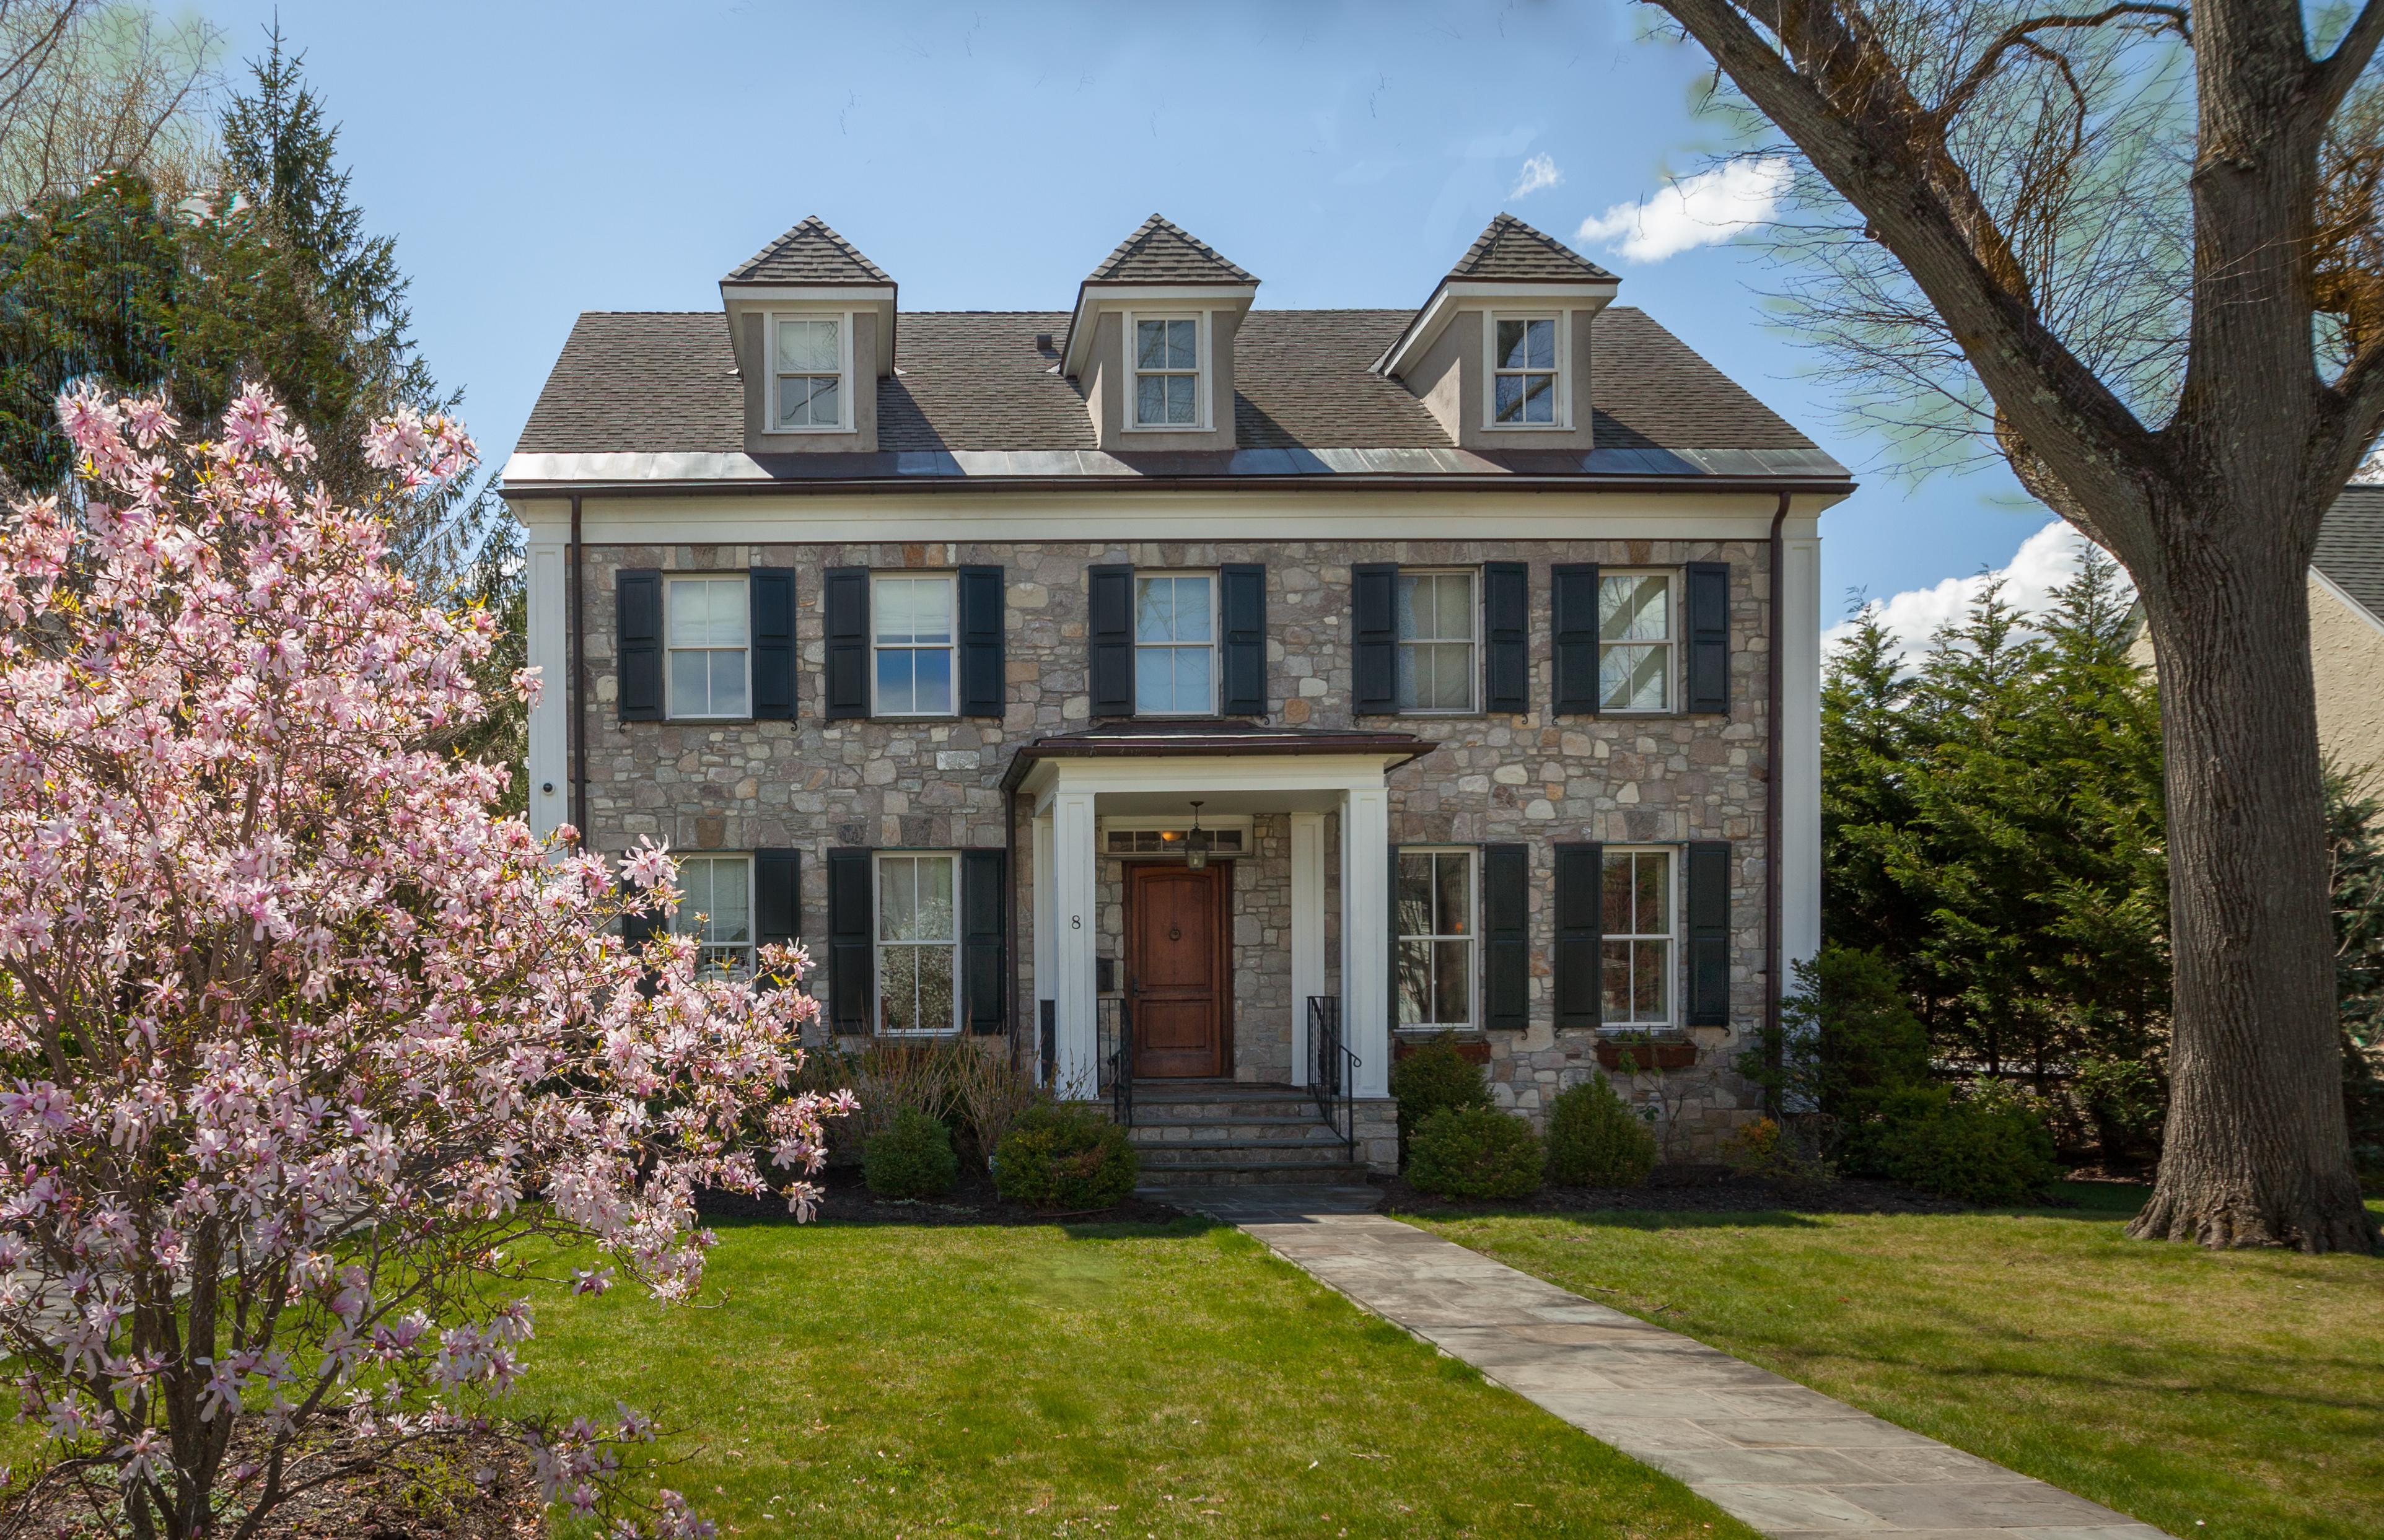 Maison unifamiliale pour l Vente à Exceptionally Designed Village Home 8 Sherman Avenue Bronxville, New York 10708 États-Unis